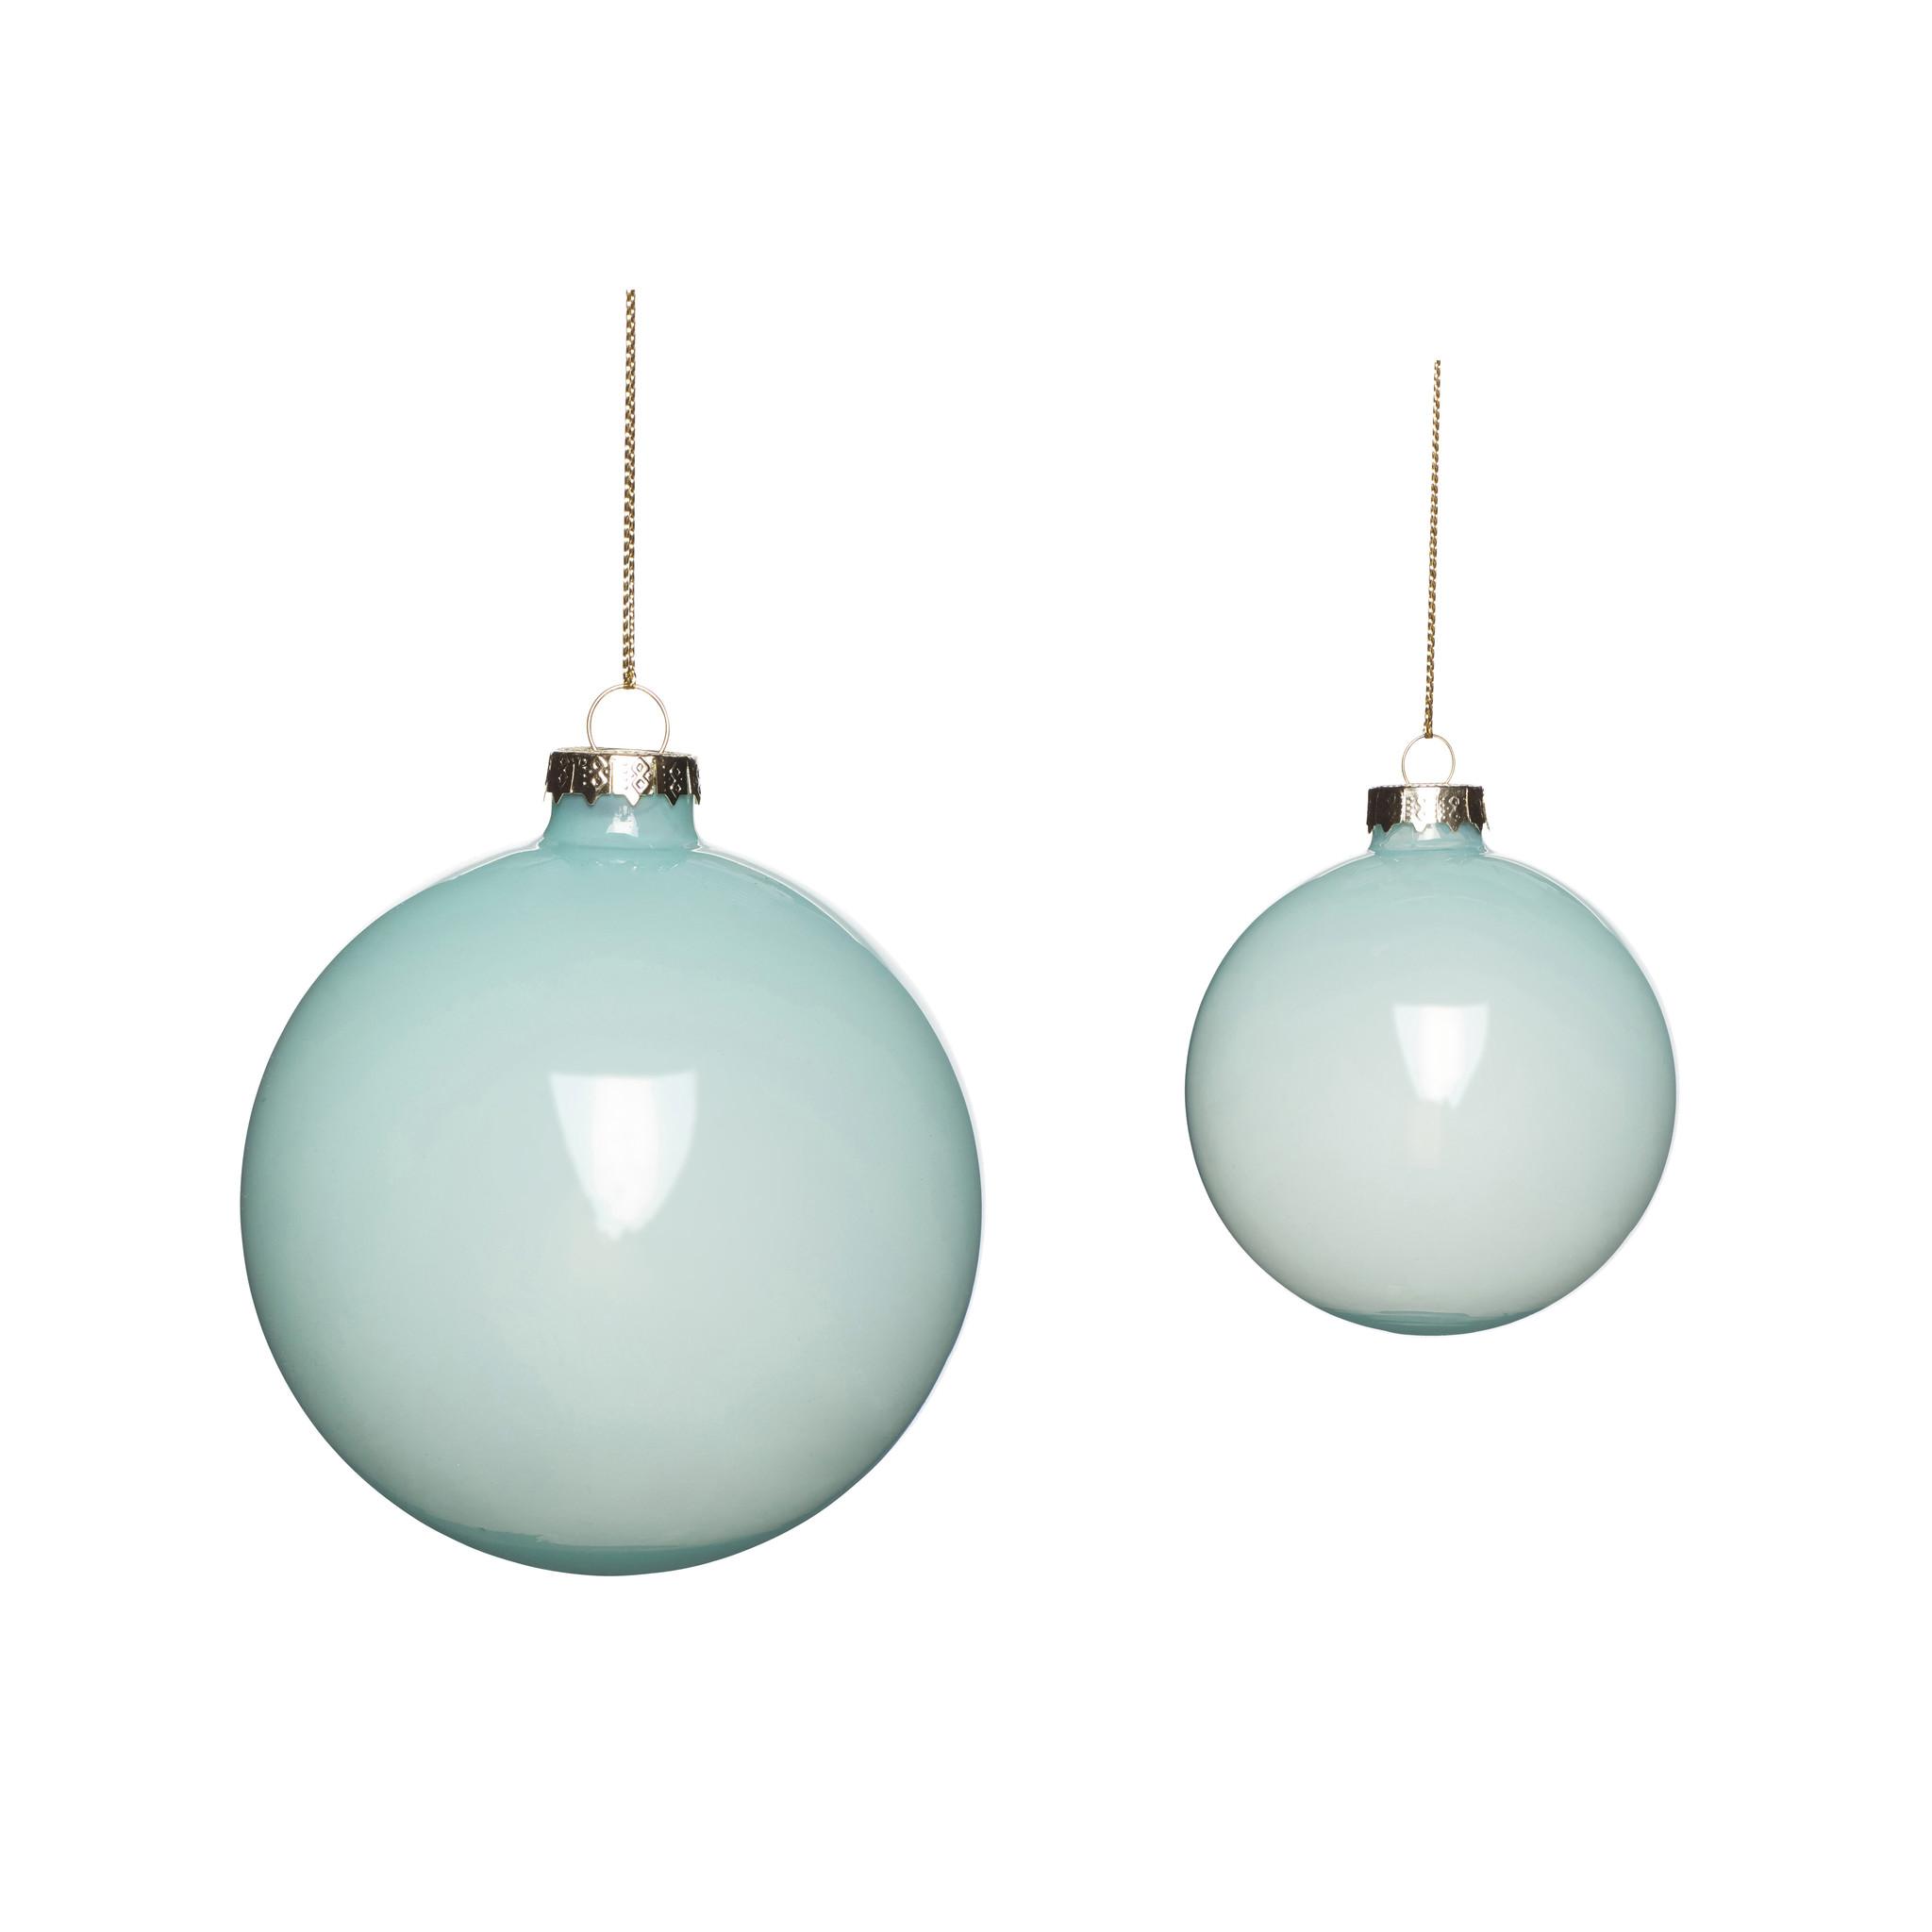 Hubsch Kerstbal, glas, blauw, set van 2-640917-5712772071519